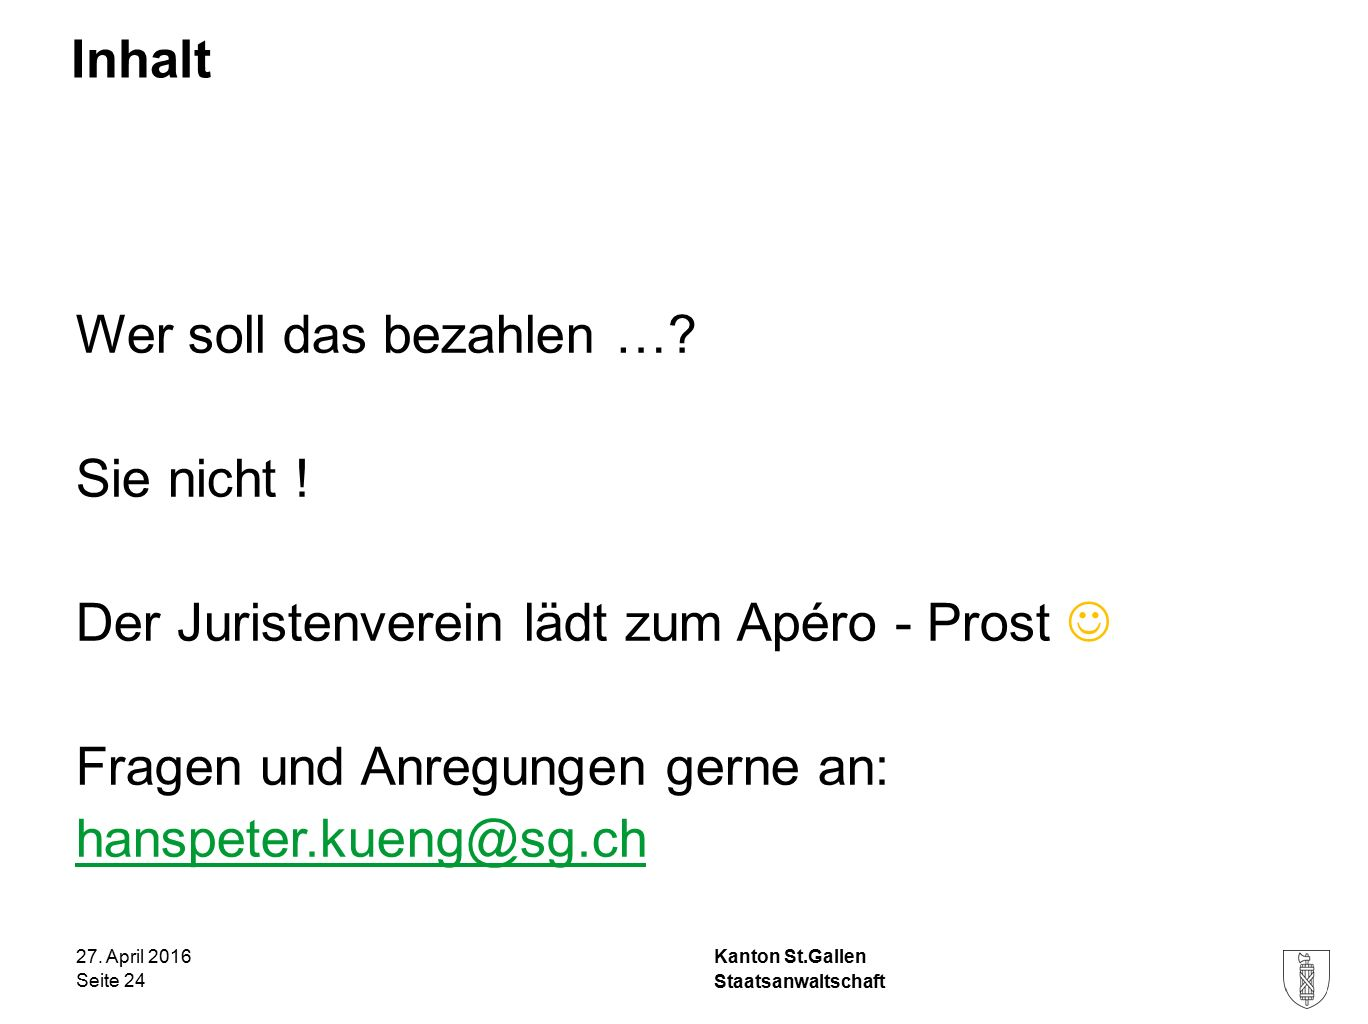 Kanton St.Gallen Inhalt 27. April 2016 Staatsanwaltschaft Seite 24 Wer soll das bezahlen ….